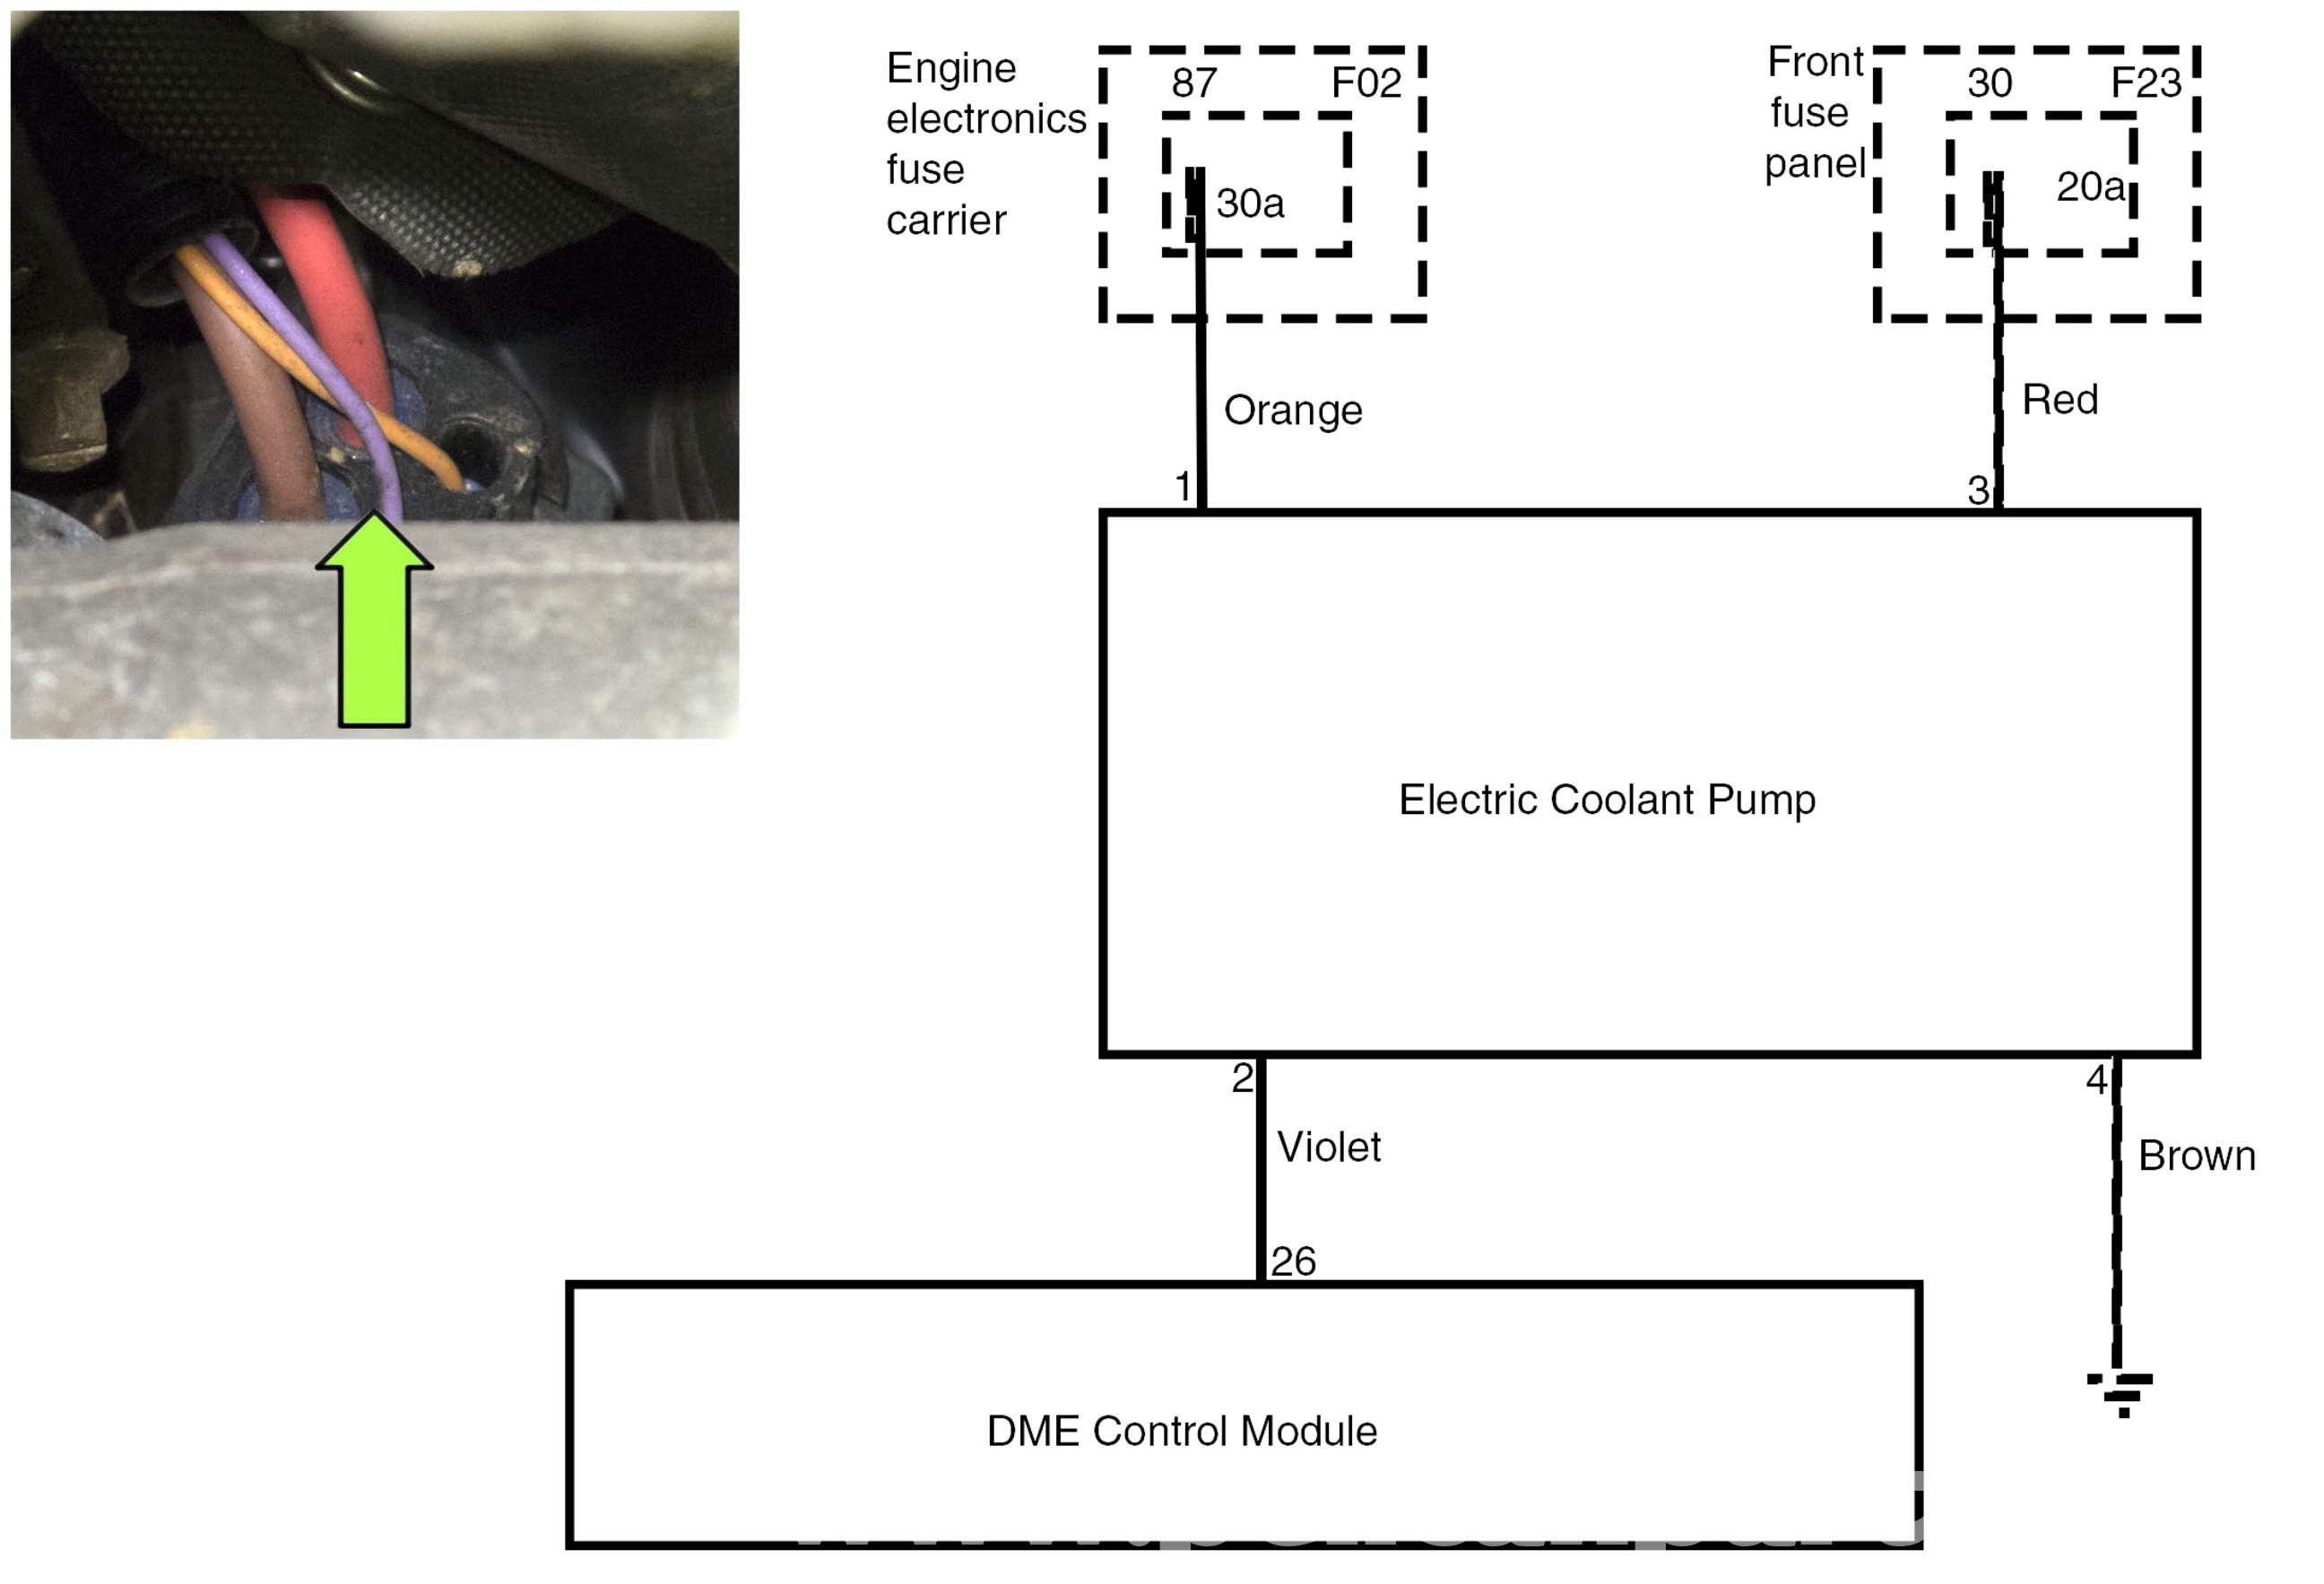 New Bmw E46 Airbag Wiring Diagram Diagram Diagramtemplate Diagramsample